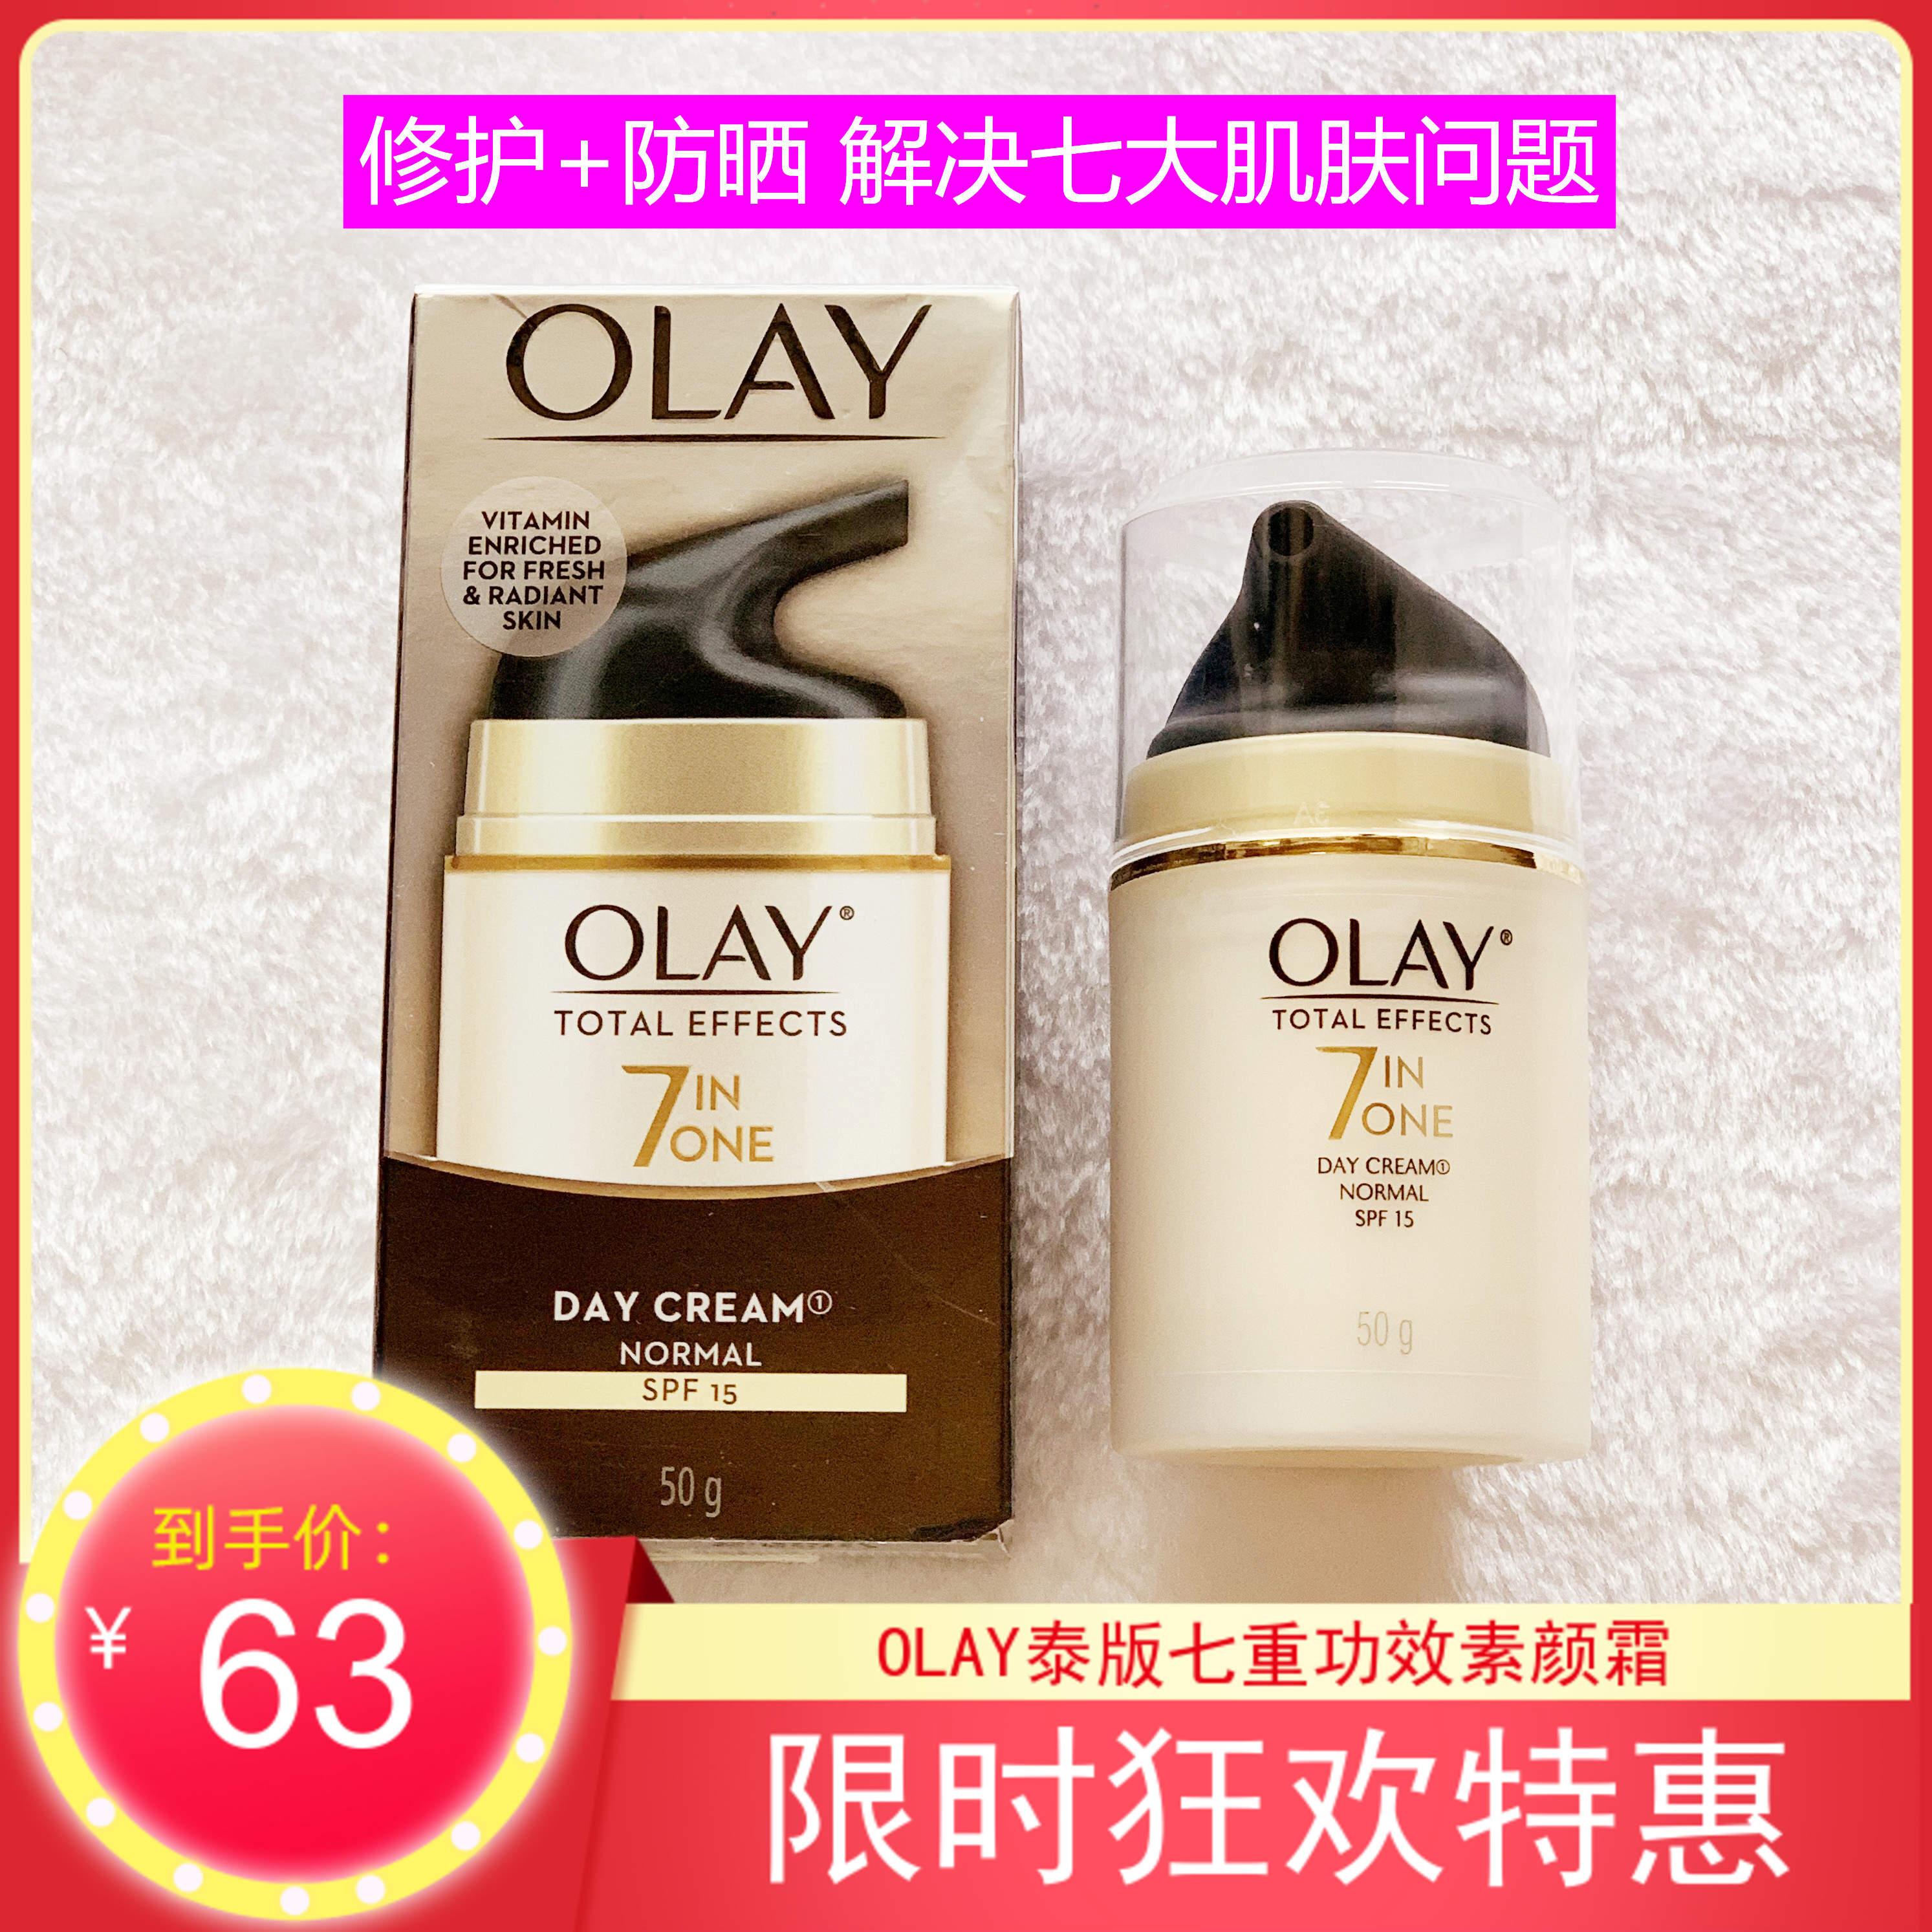 OLAY玉兰油七重多效修护防晒面霜50g修复保湿补水滋润隔离素颜霜